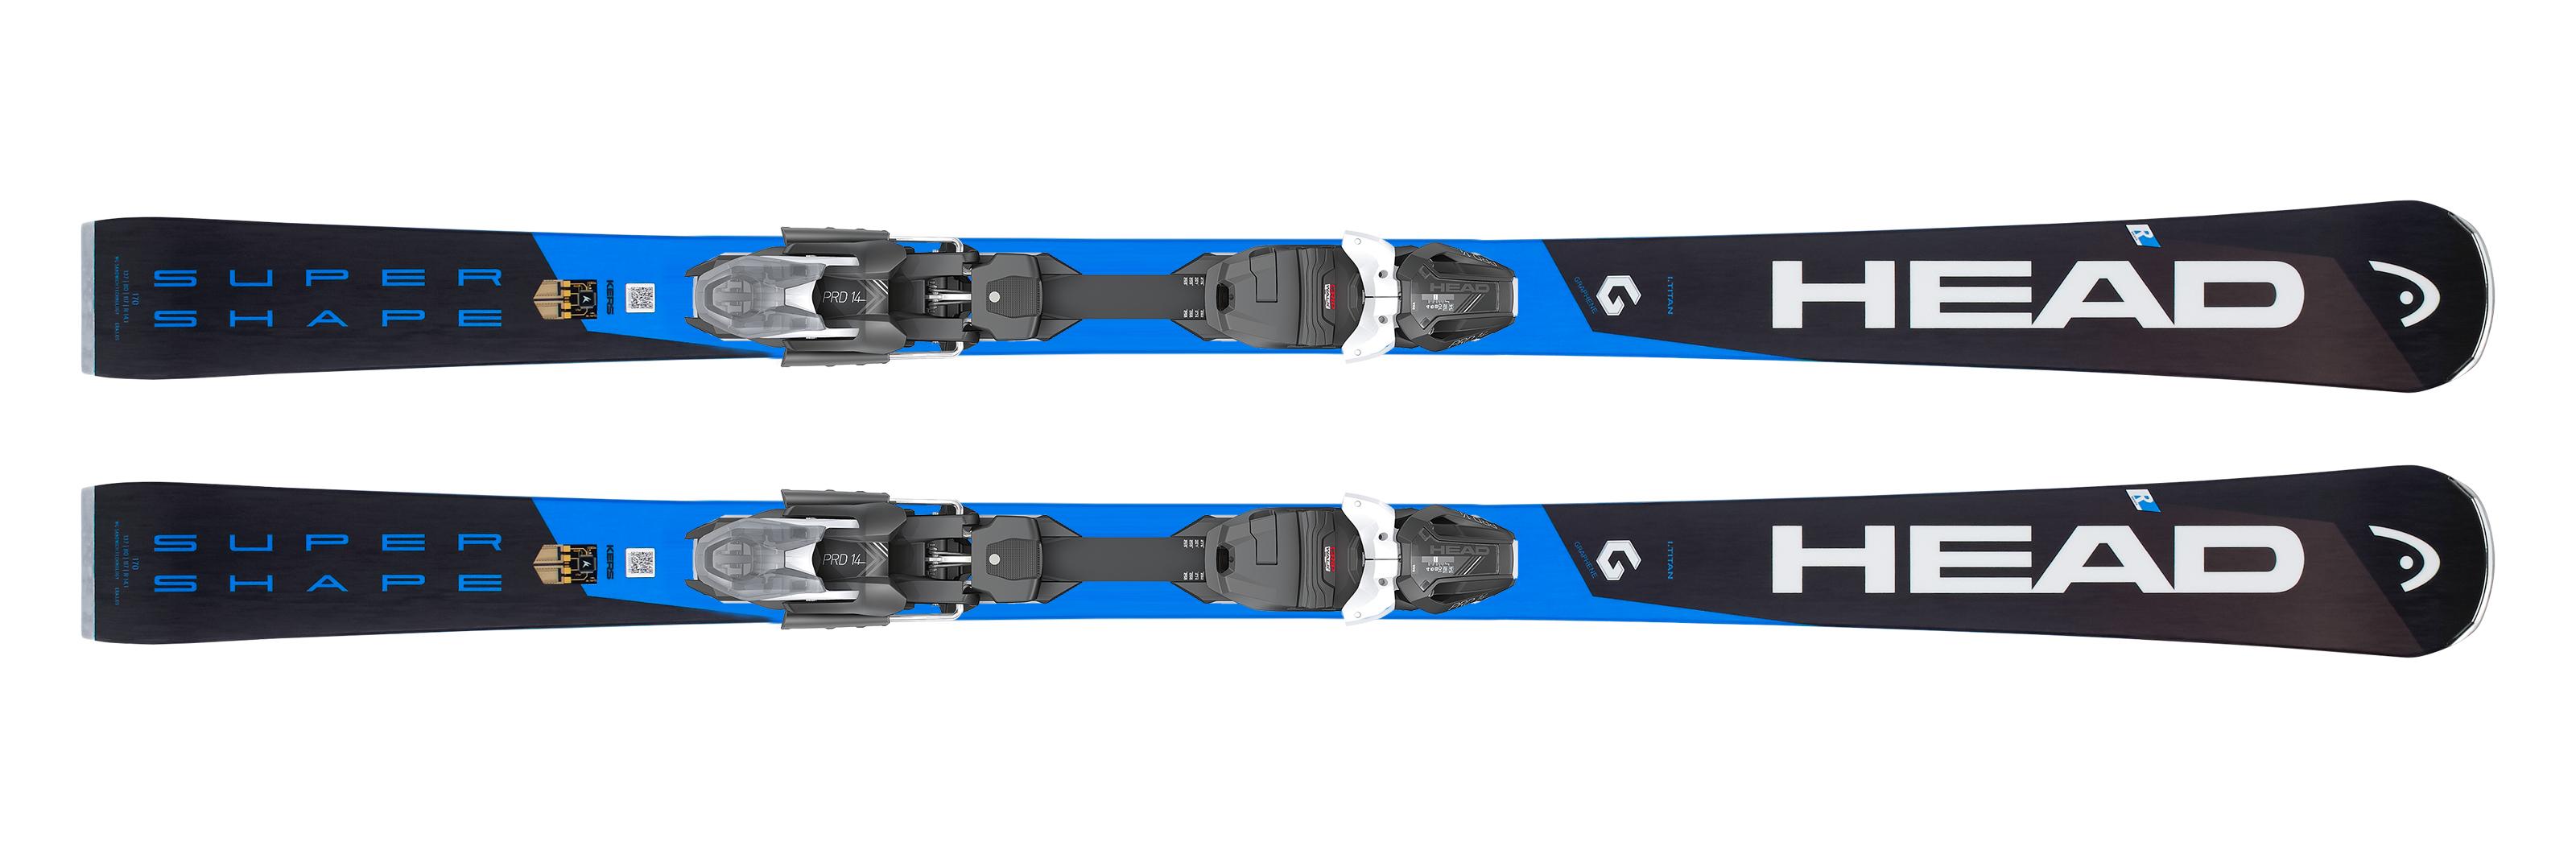 Купить горные лыжи в интернет-магазине «Горные вершины» в Санкт ... e7bab4e4b85